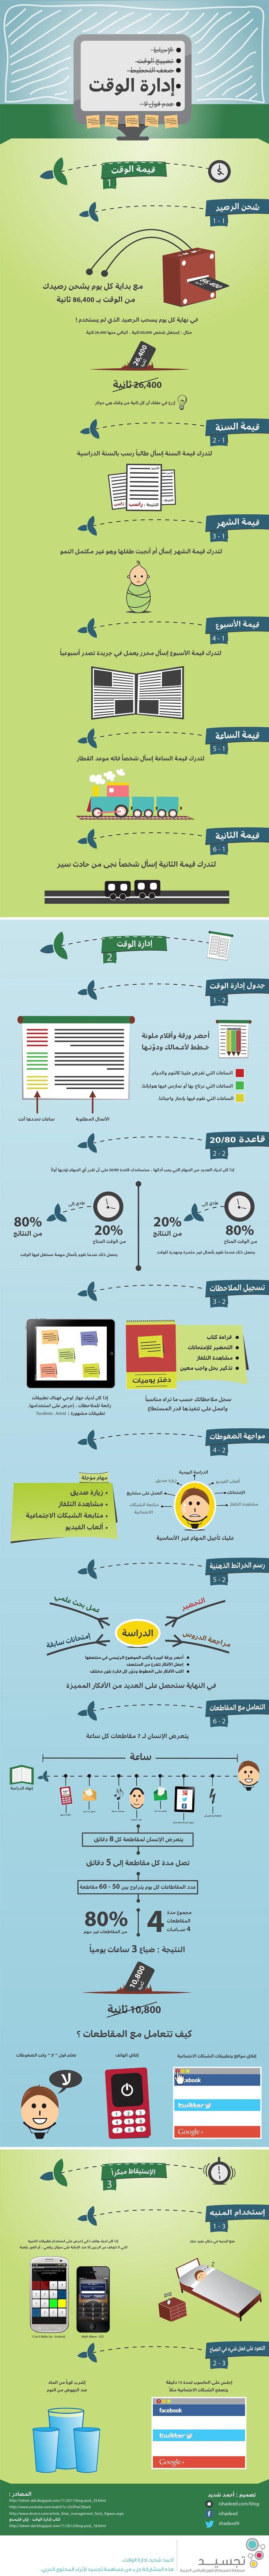 إنفوجرافيك تتحدث عن إدارة الوقت ، وقيمته في الحياه إضافة إلى إحصائيات عن مقاطعات الوقت ..